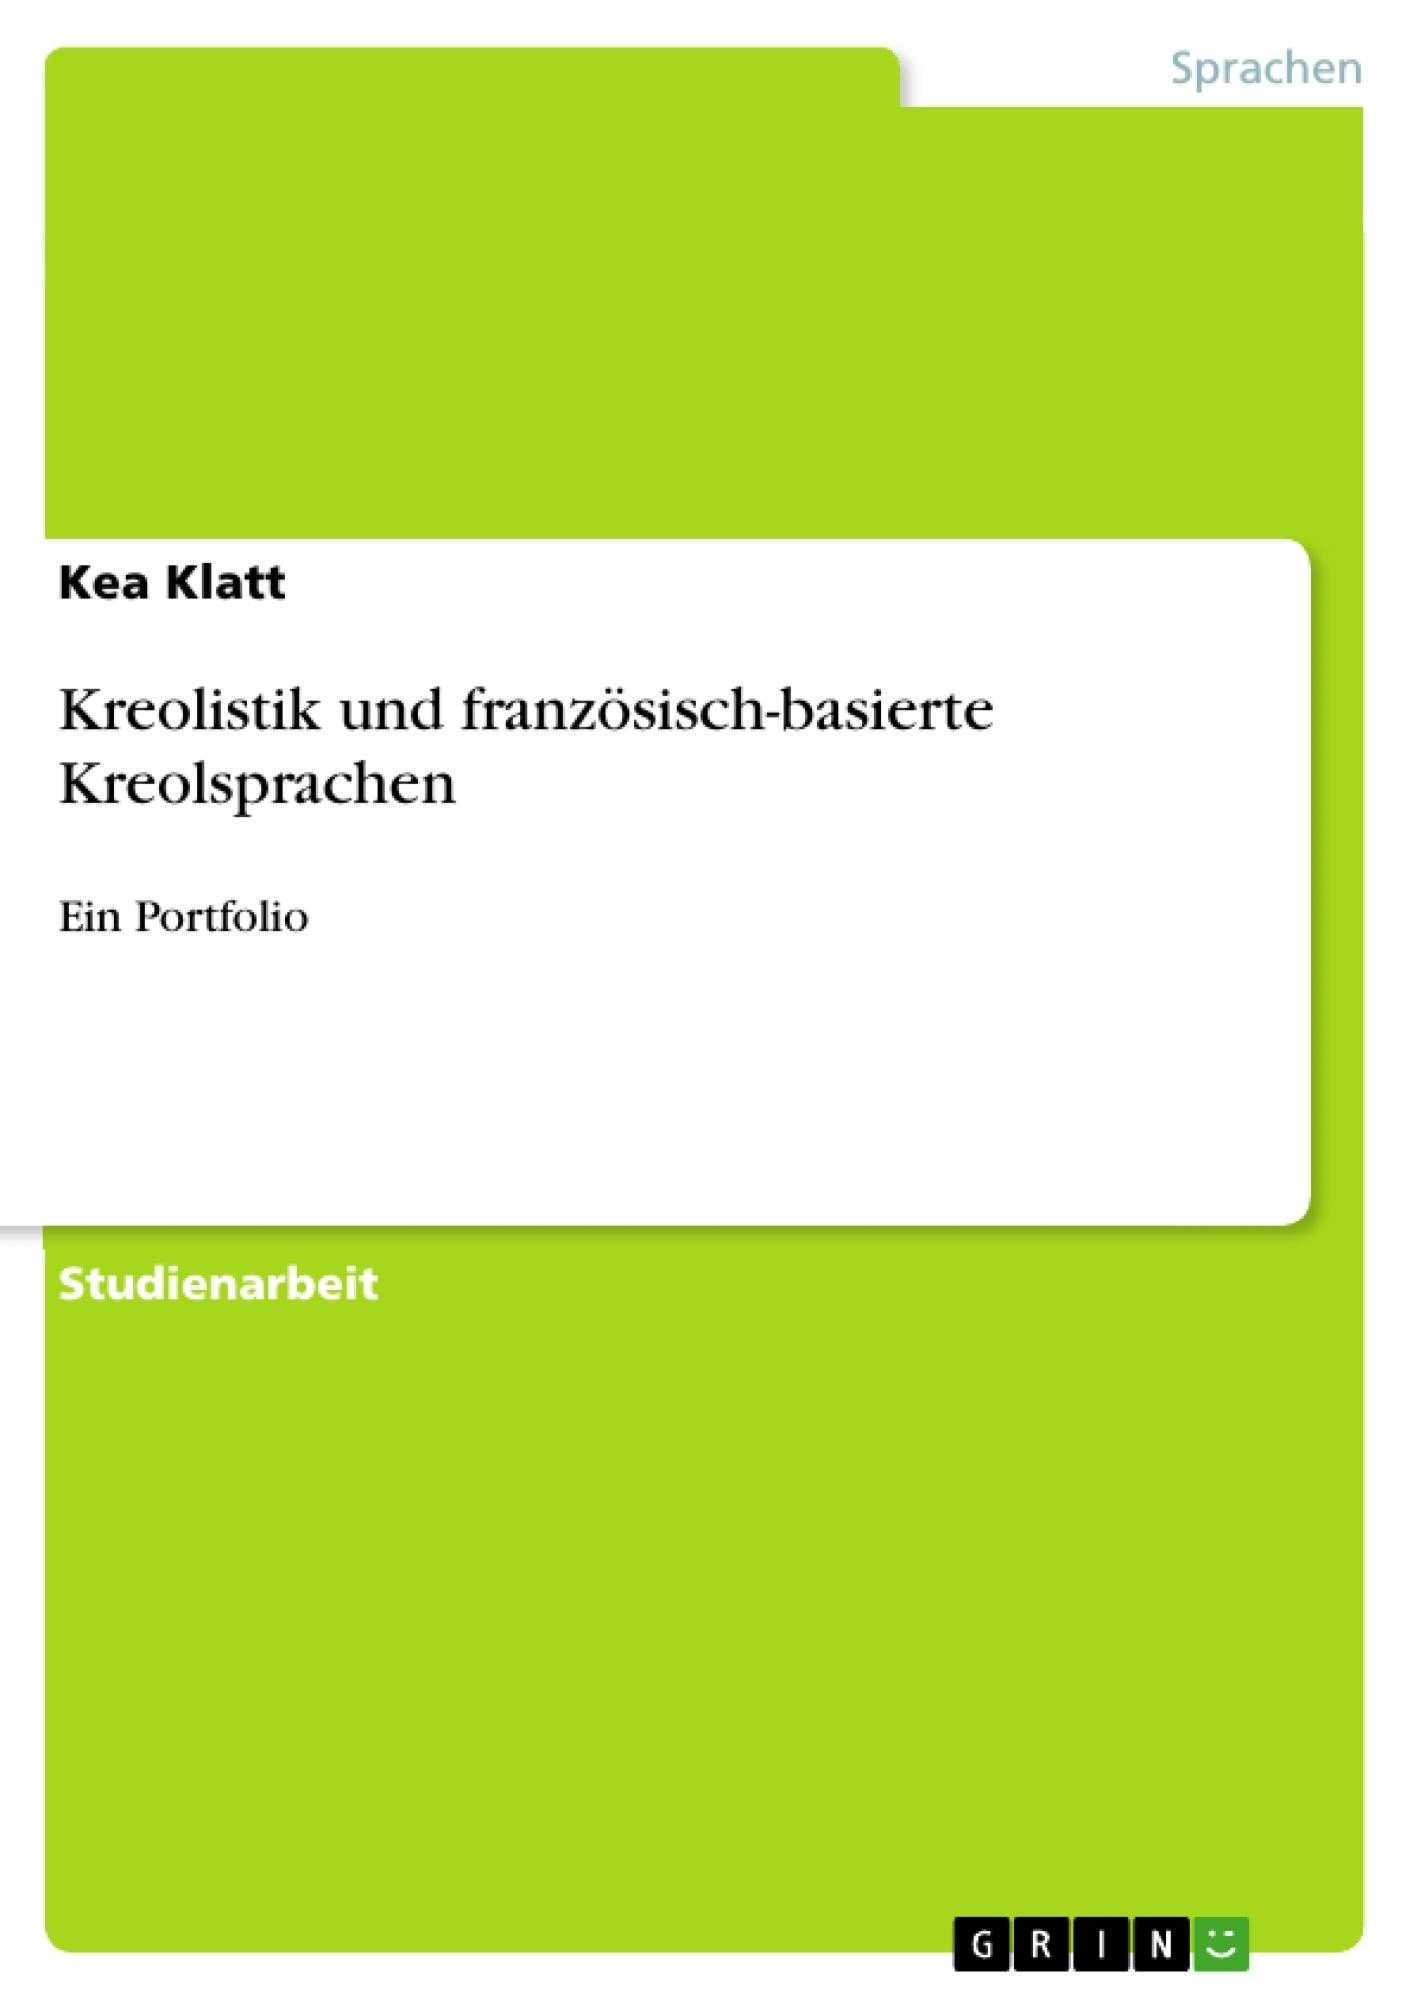 Titel: Kreolistik und französisch-basierte Kreolsprachen